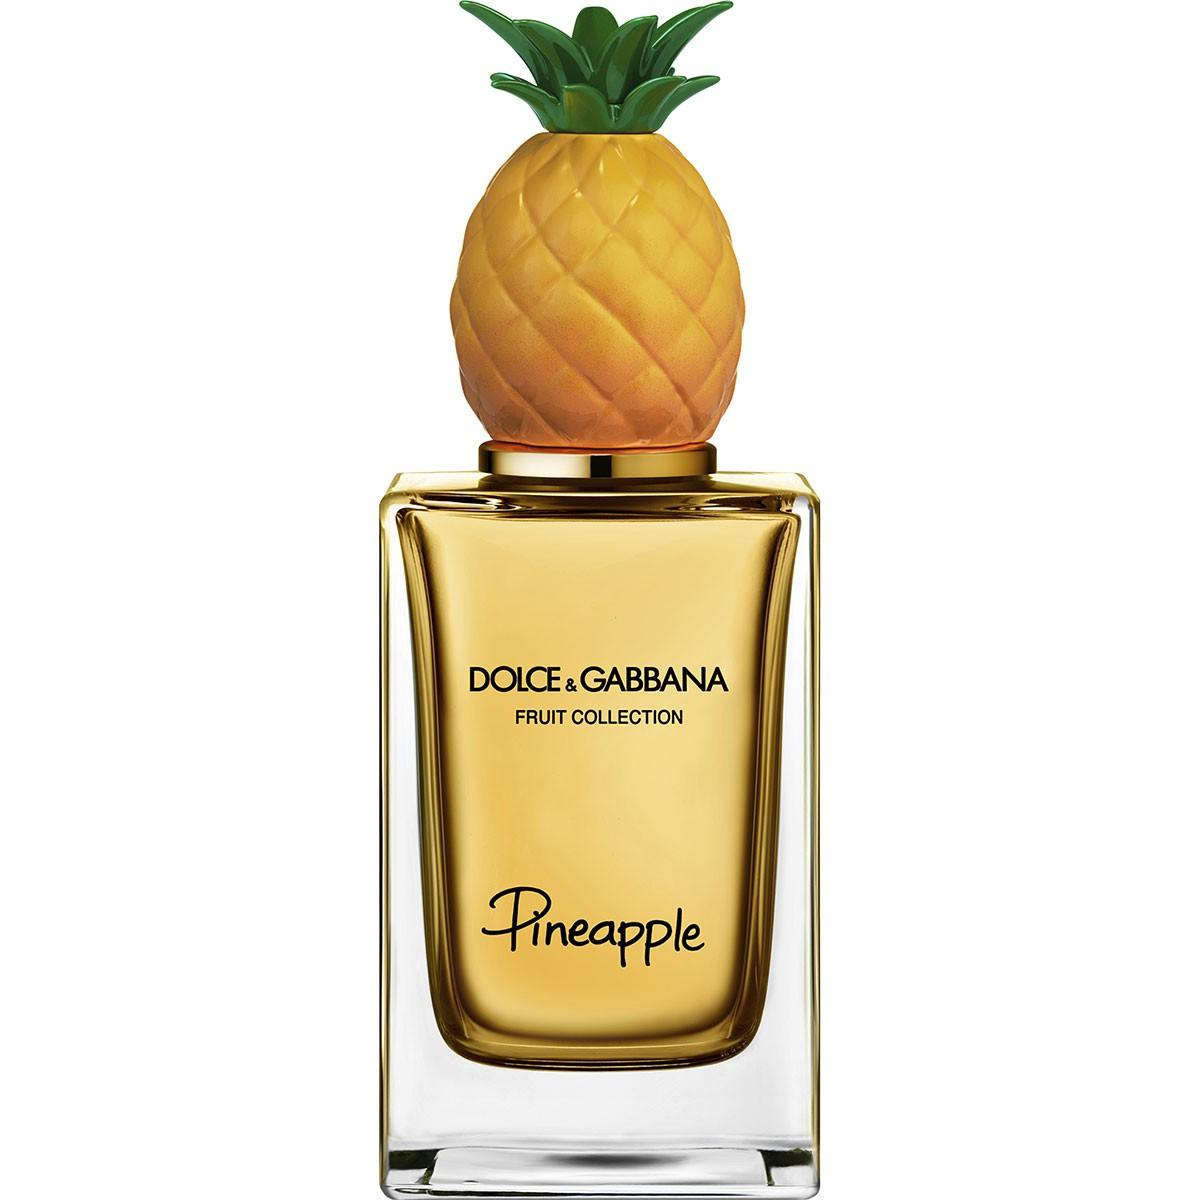 בושם דולצ'ה וגבאנה אננס Dolce & Gabbana Pineapple